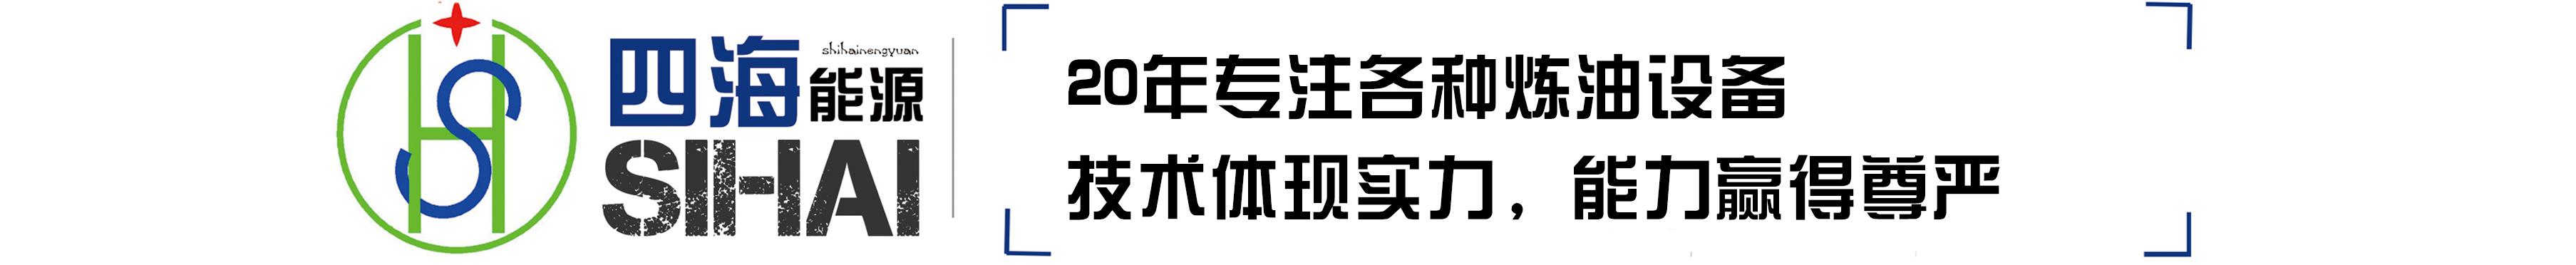 手机澳门莆京娱乐场